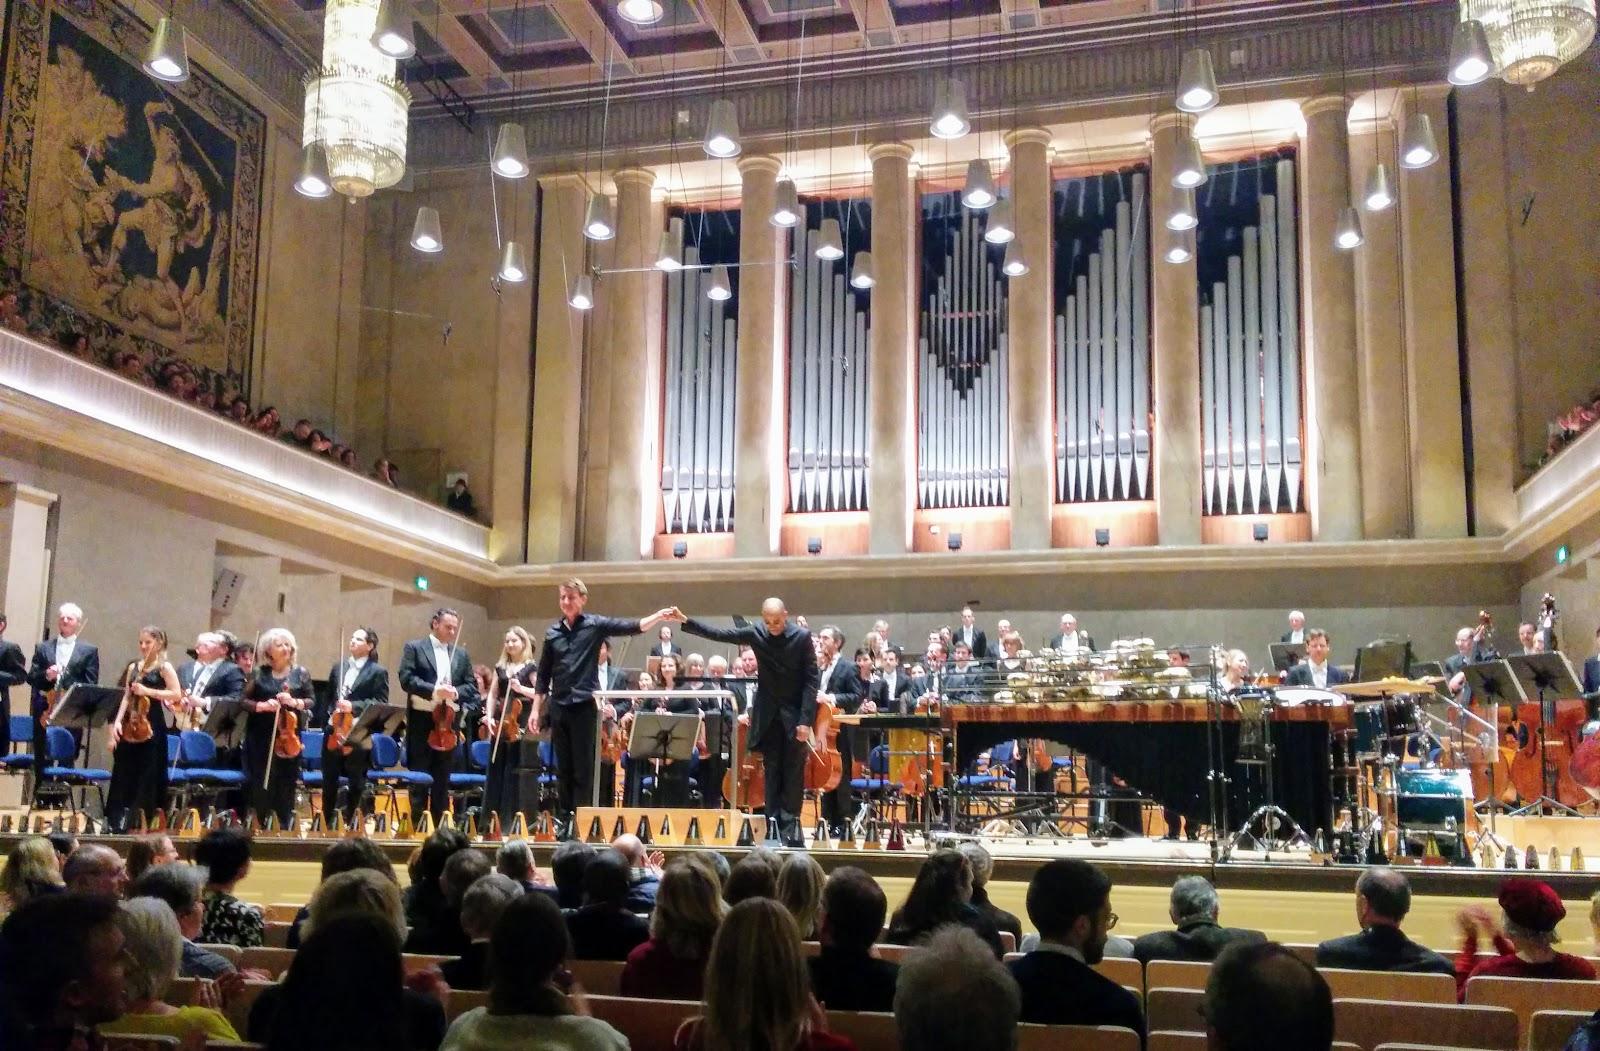 Le temps, cette chose étrange, un concert du Münchner Symphoniker